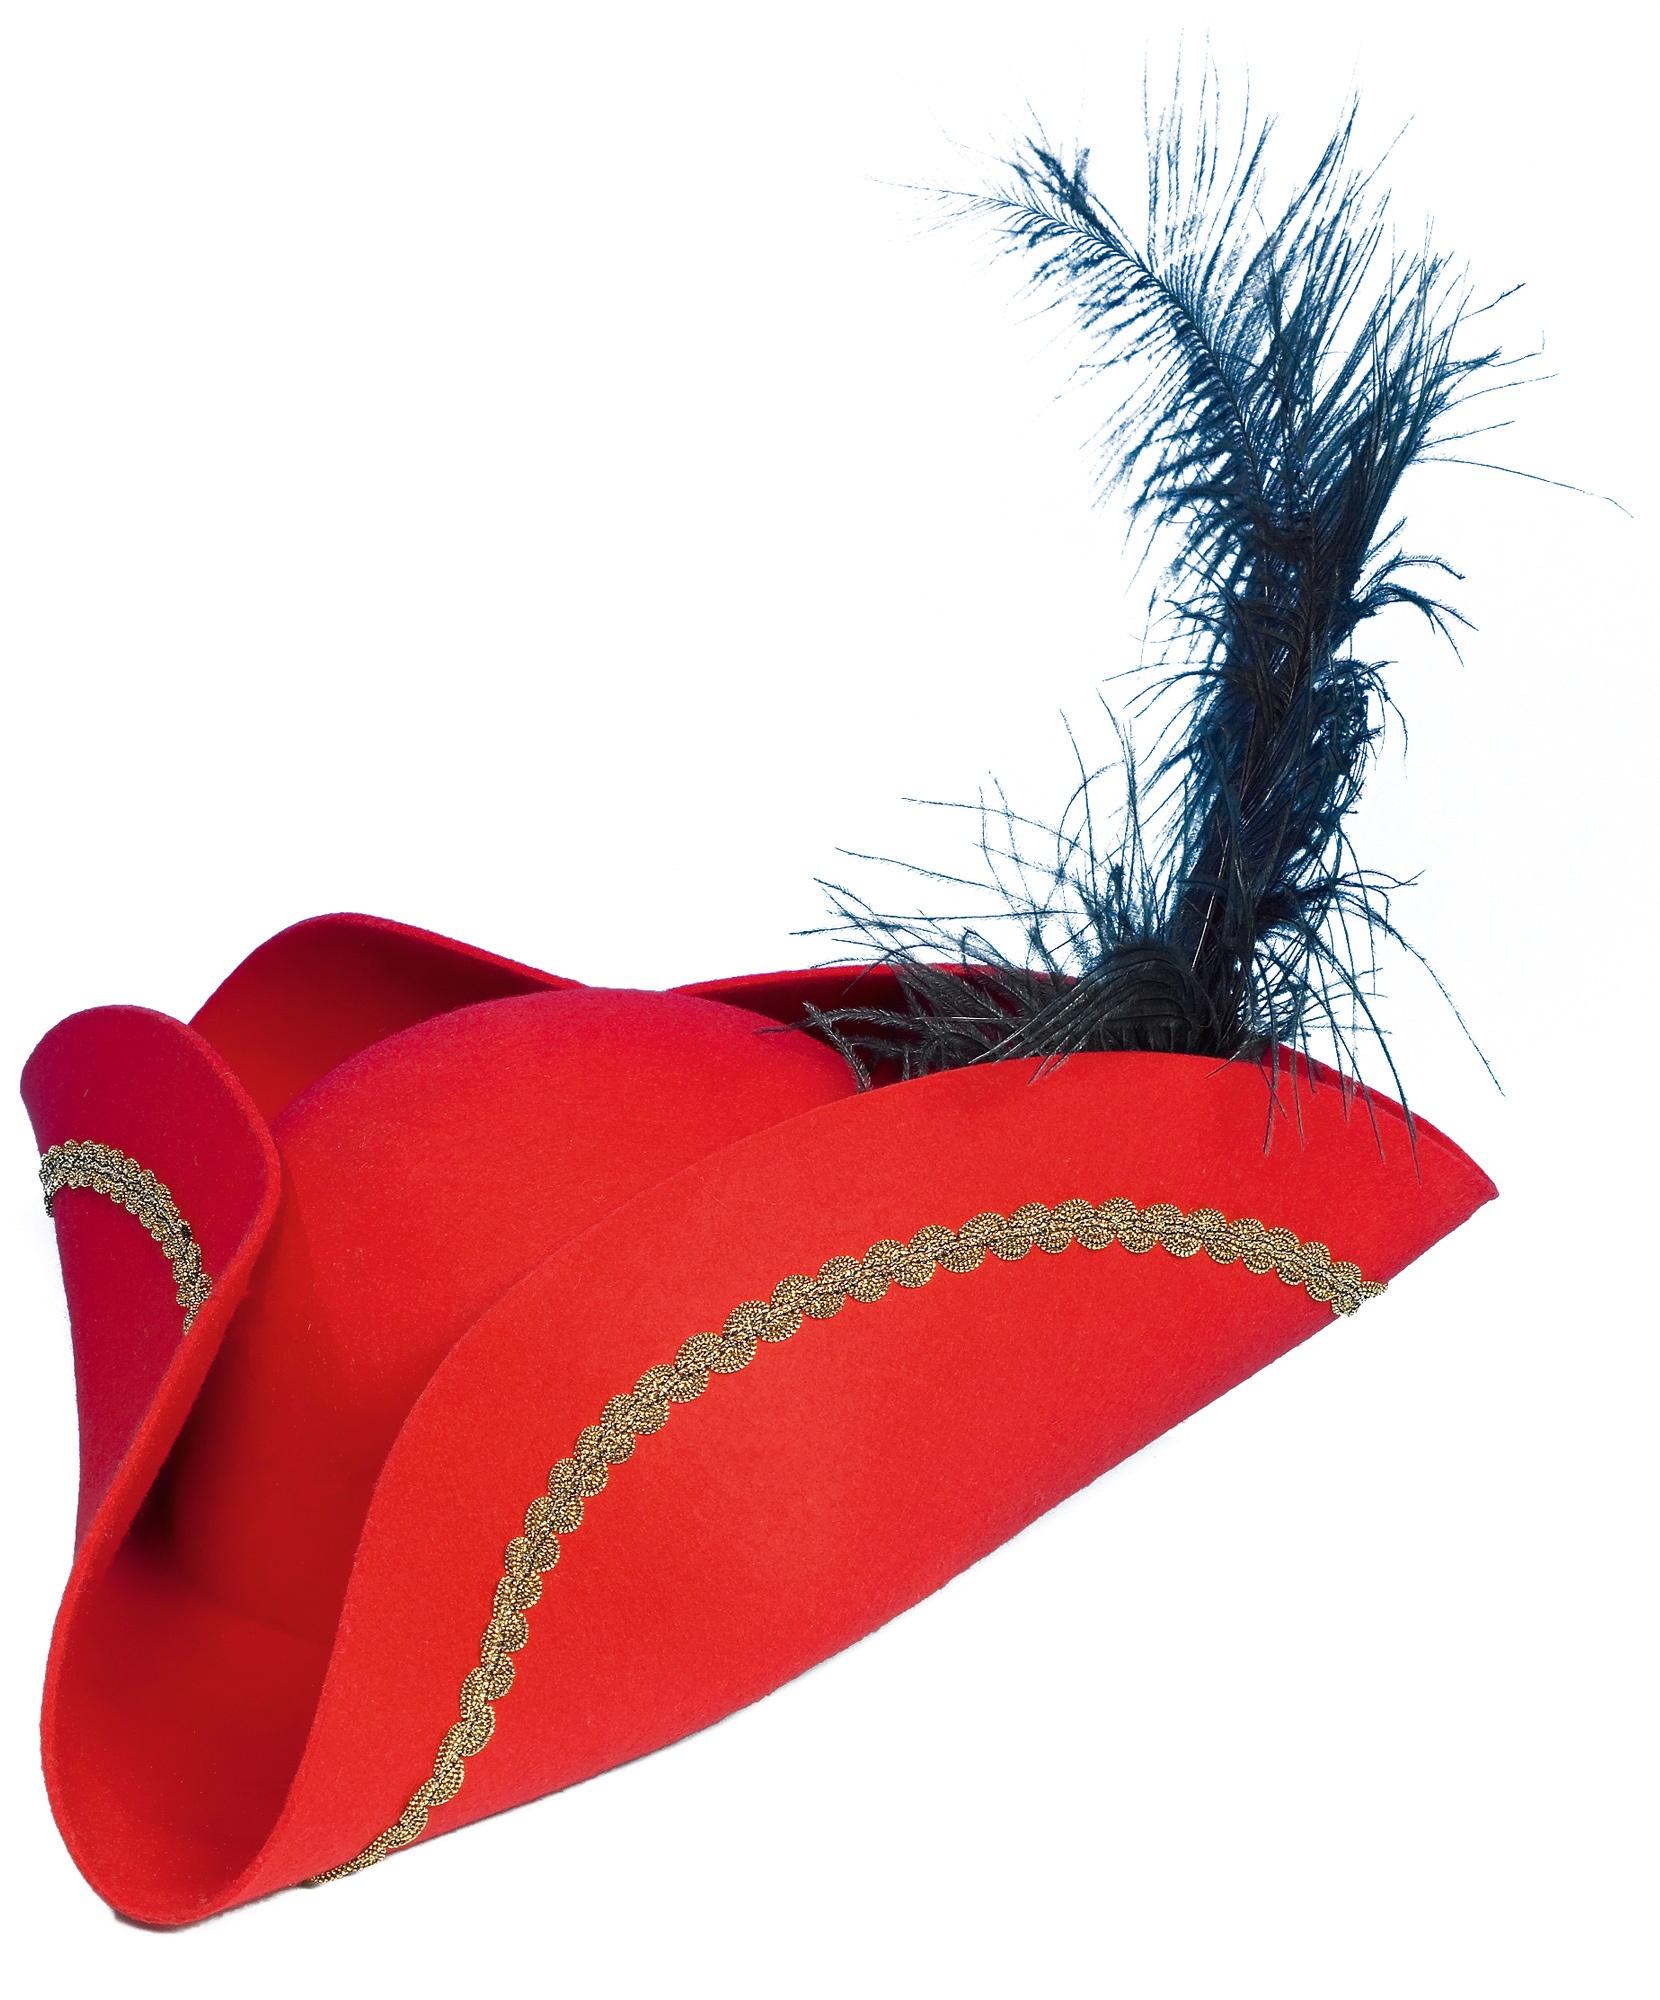 Картинки шляпы мушкетеров